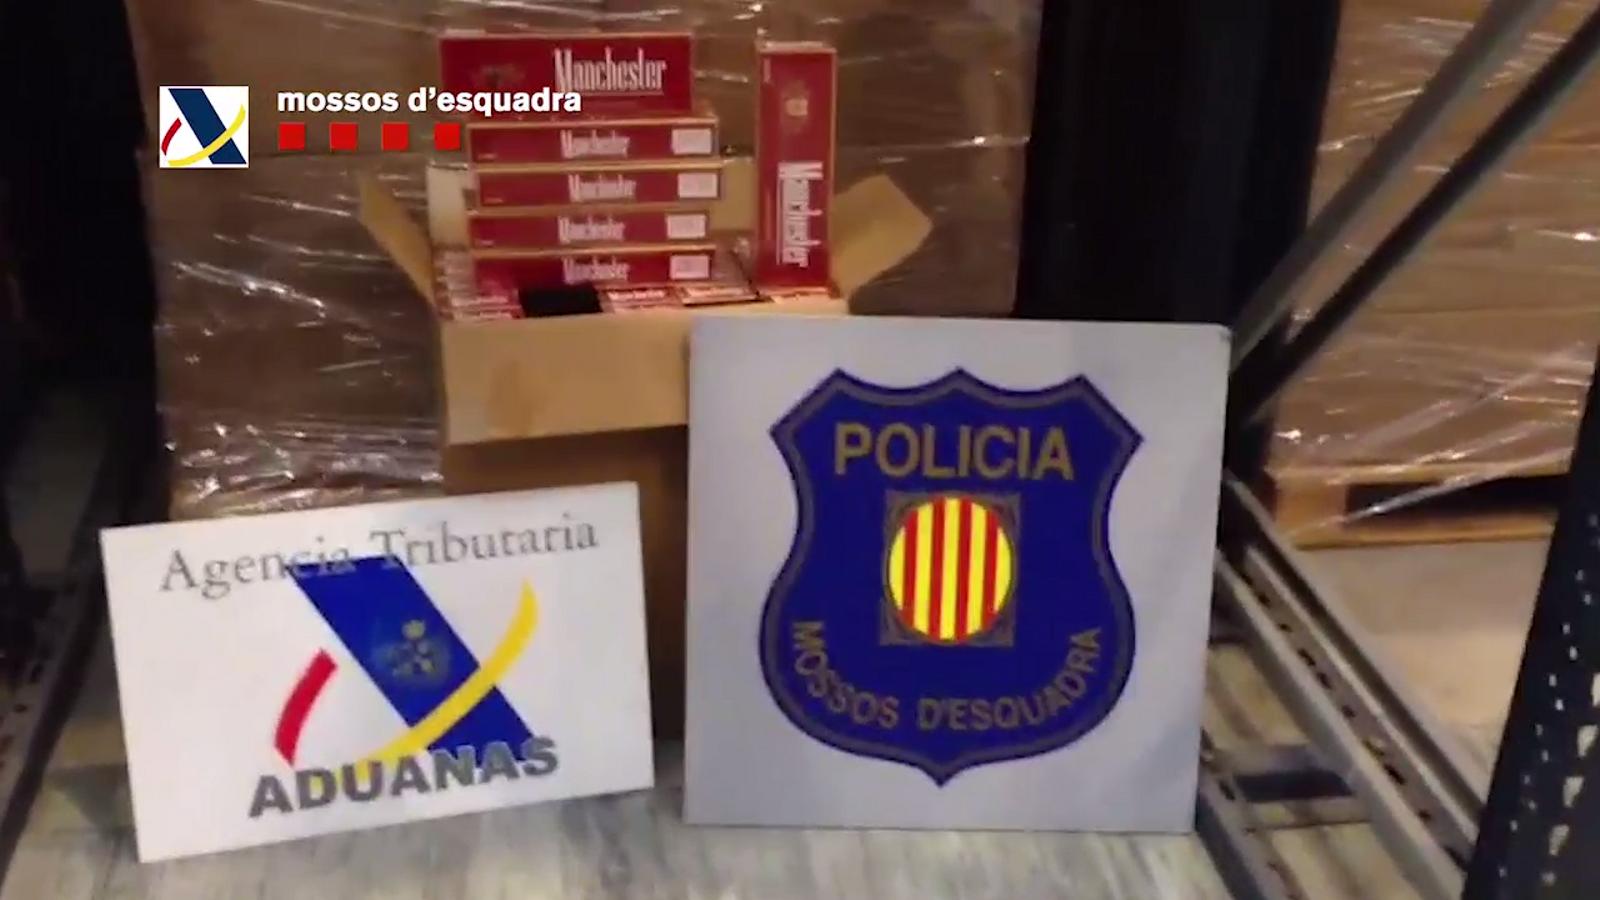 Els Mossos intervenen 1.100 caixetes de tabac per valor de 2,5 milions d'euros